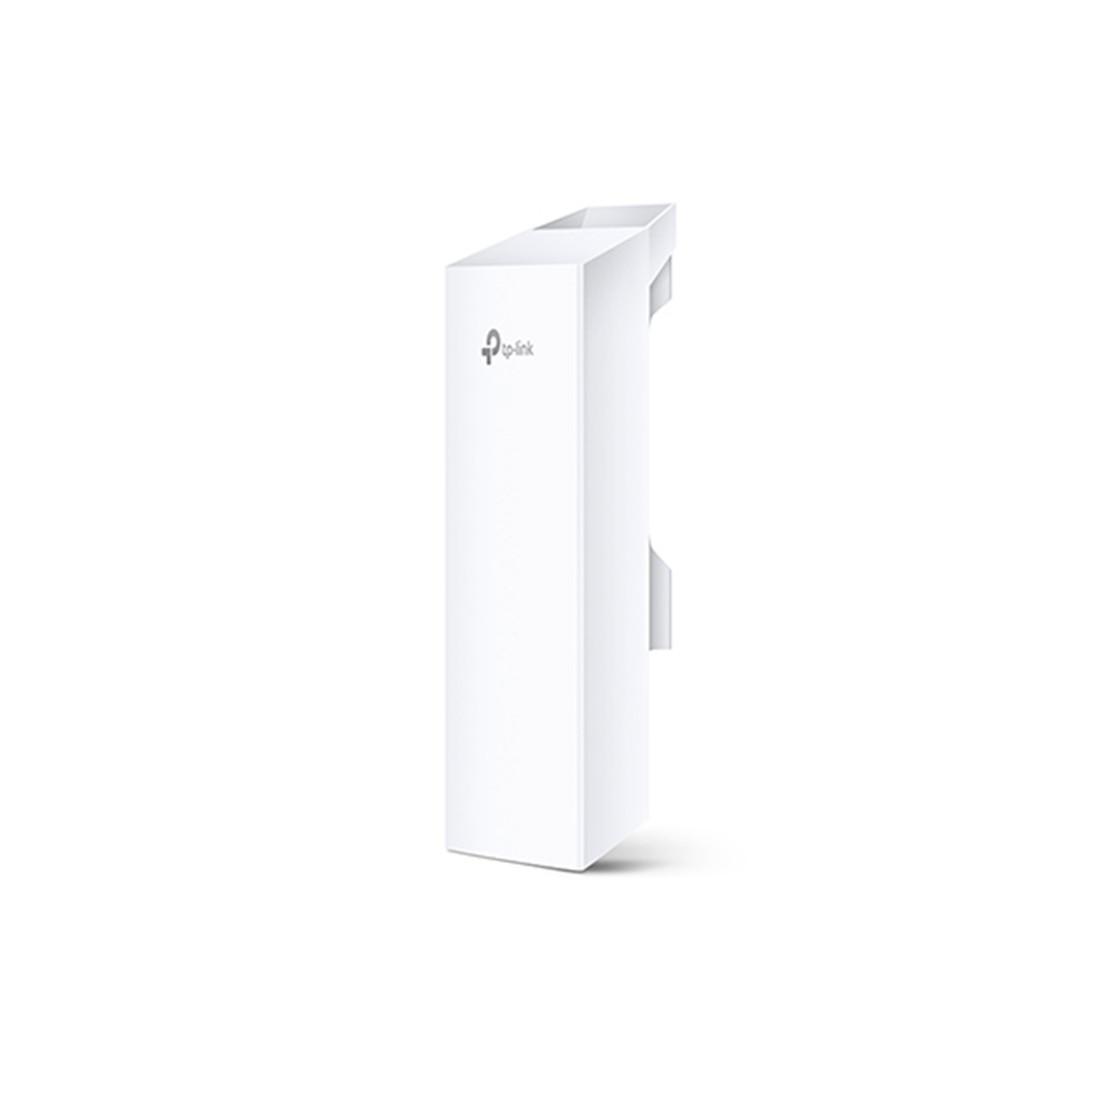 Wi-Fi точка доступа TP-Link CPE510 300 Мбит/с